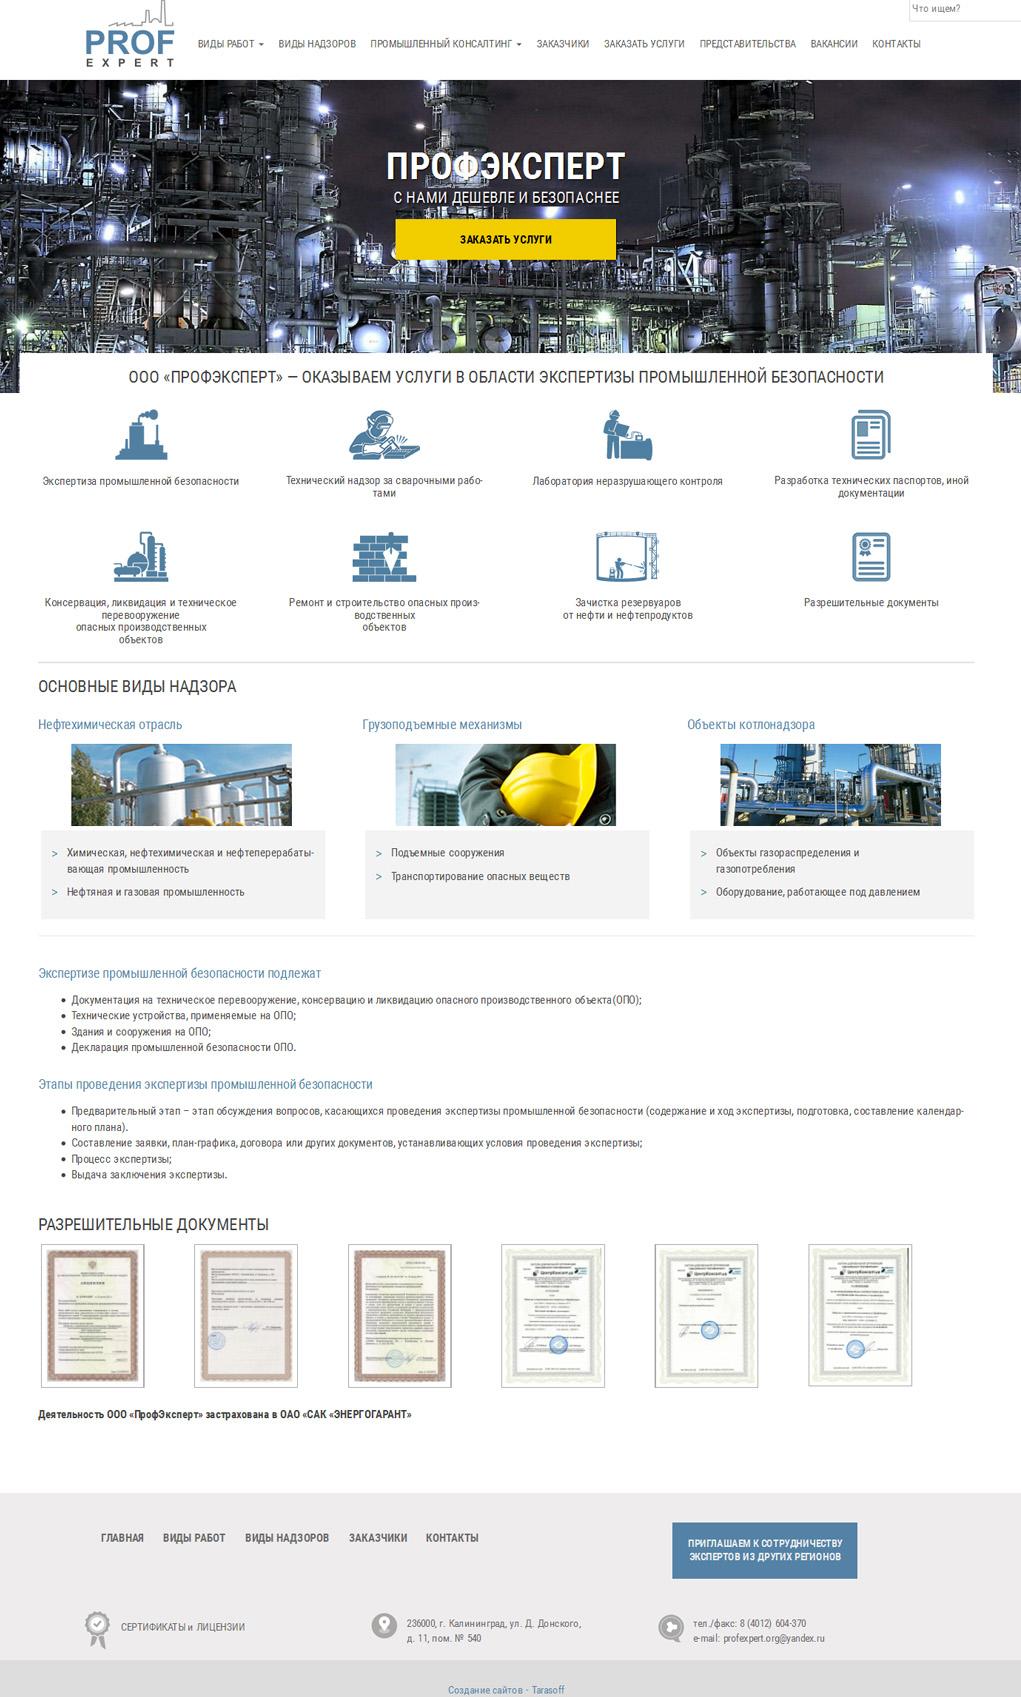 Создание сайта для ООО «ПрофЭксперт» - экспертиза промышленной безопасности